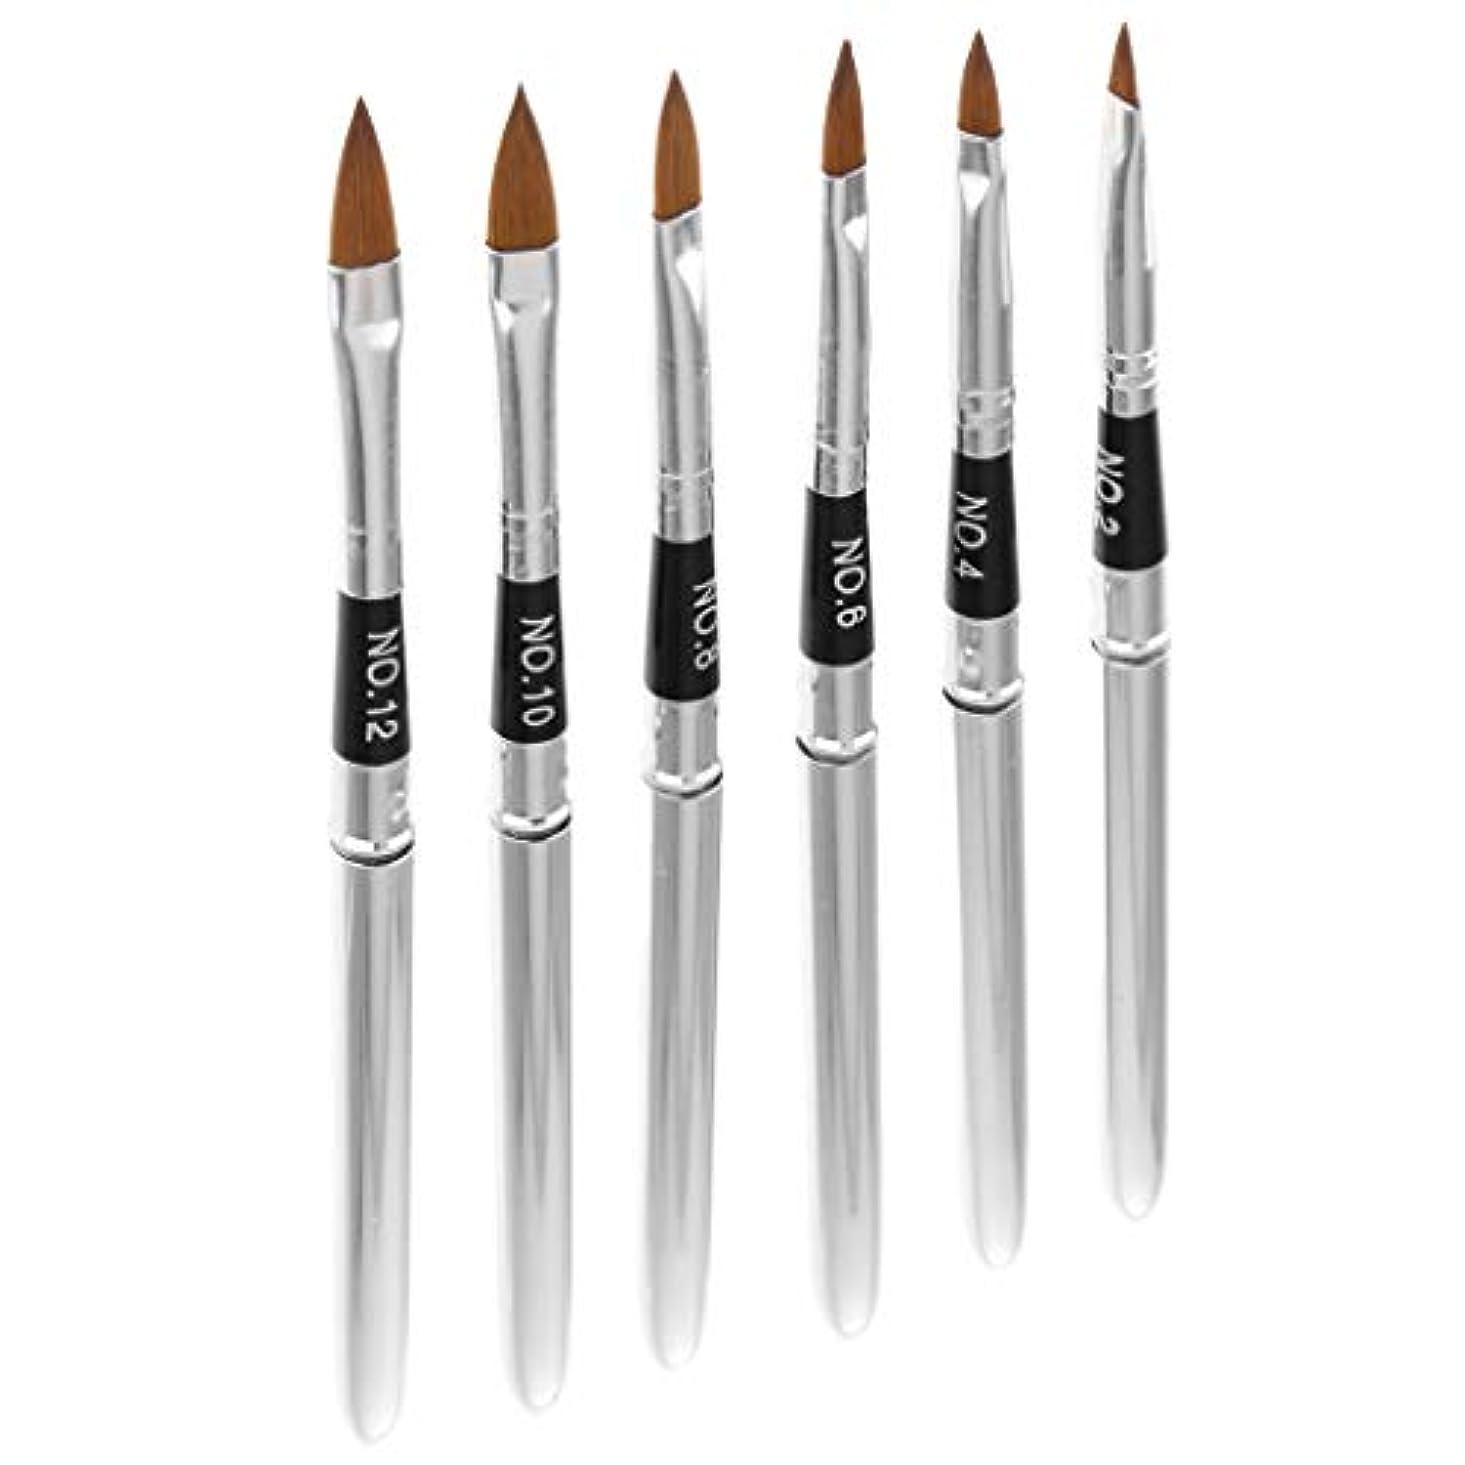 想像力豊かなトラップそれネイルアートペン ペンブラシ ネイルブラシ 3D 絵画ペン ネイルデザイン ツール 6個入り